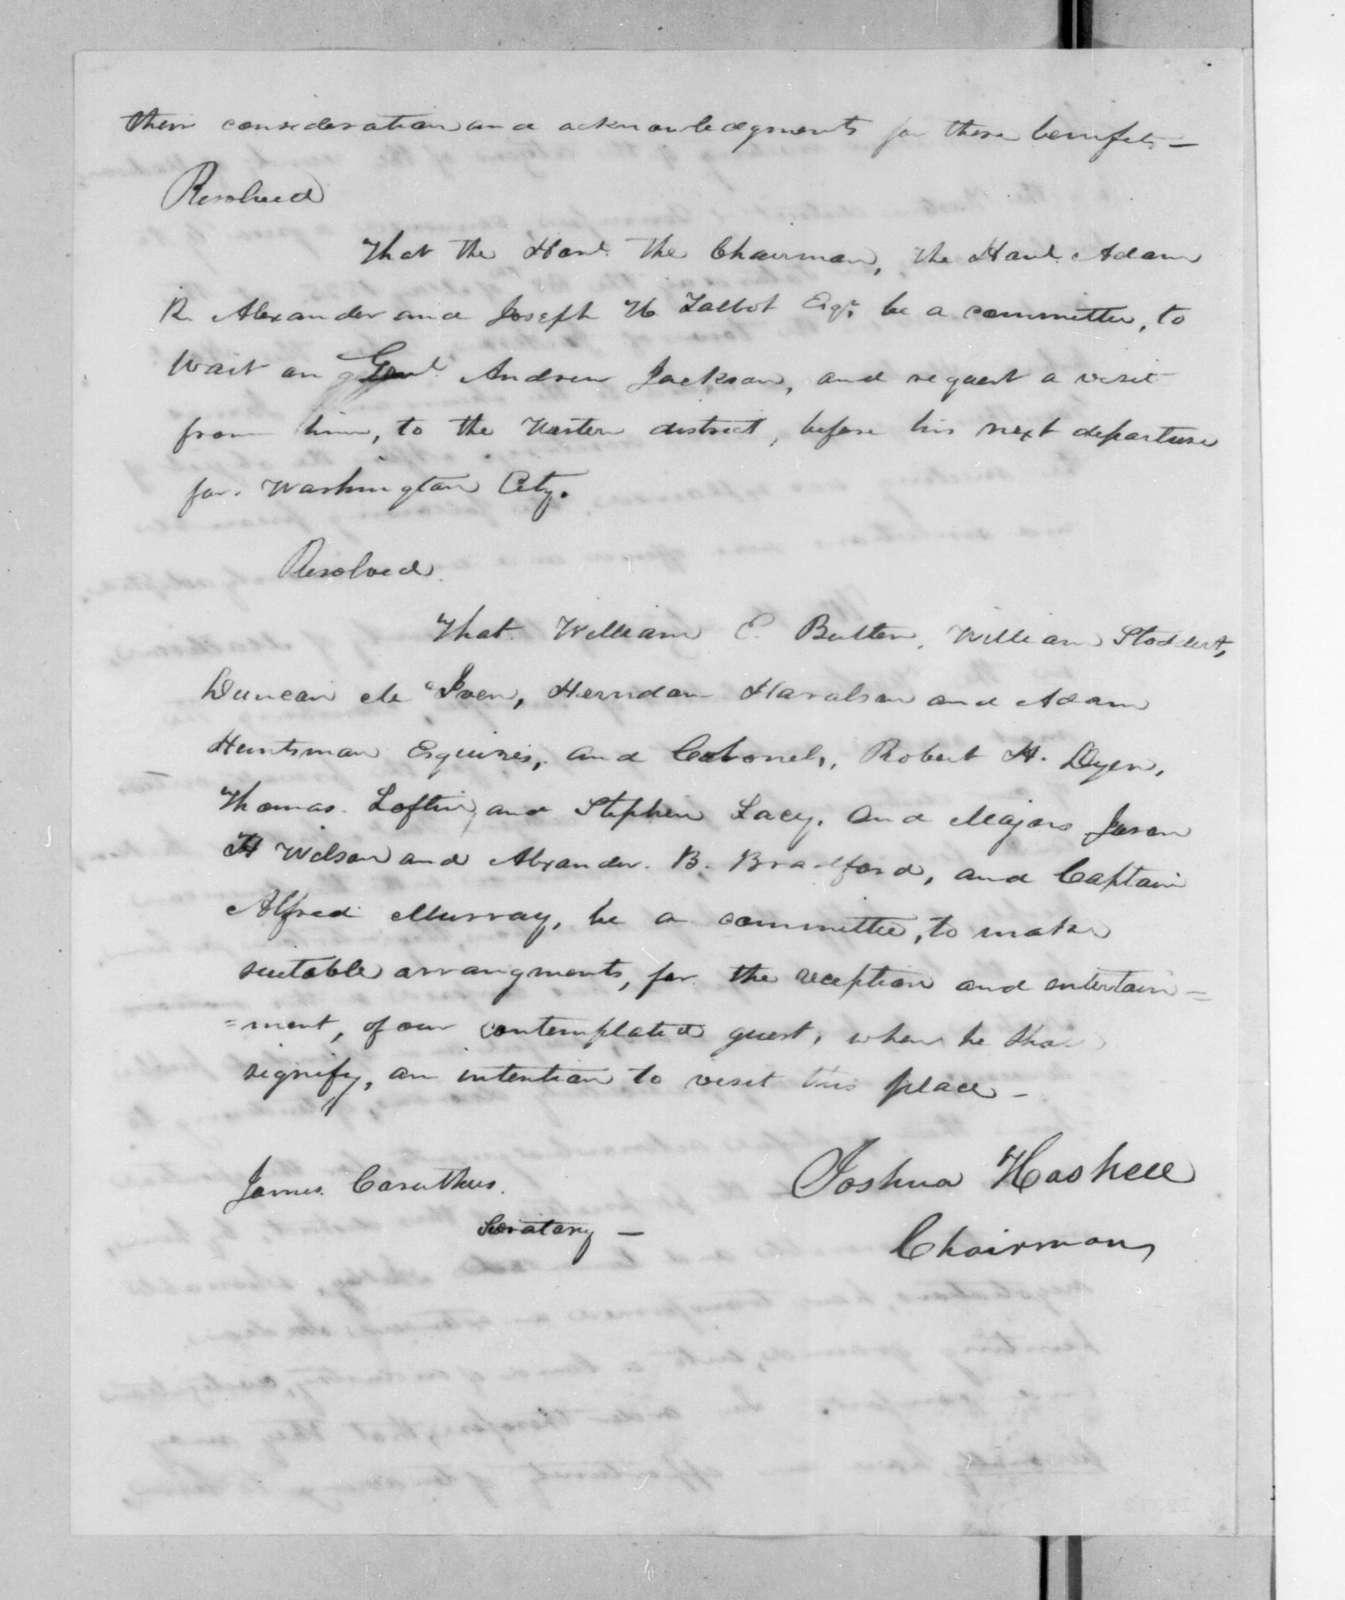 Joshua Haskell, May 28, 1825